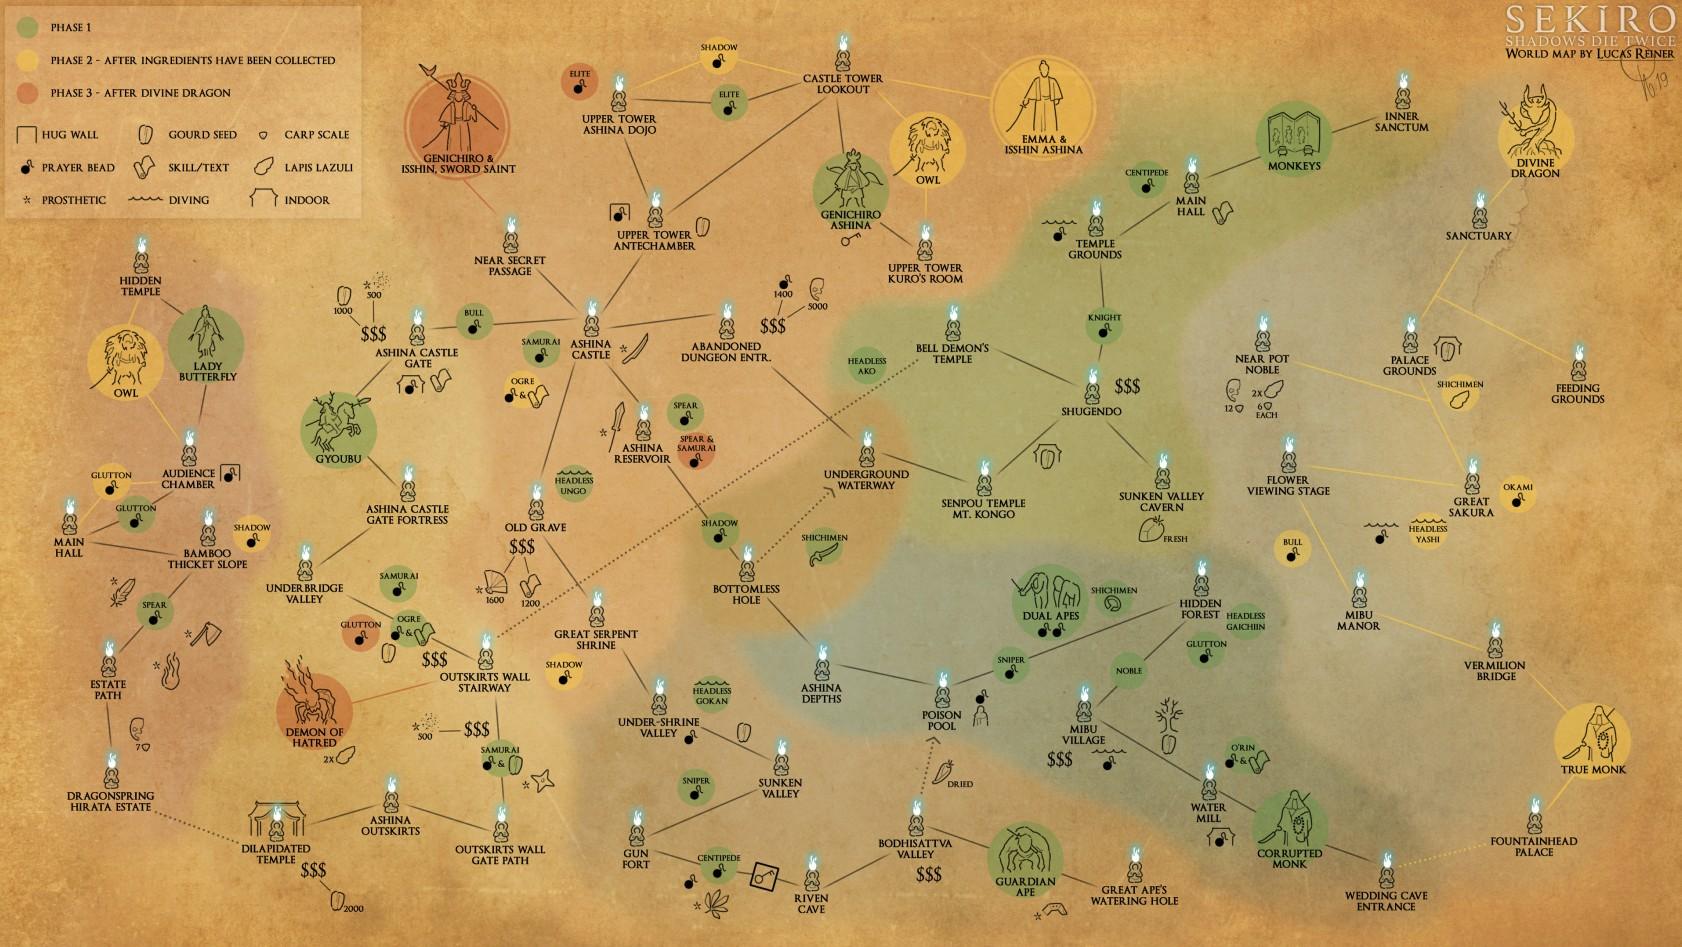 大神自制 《只狼》 地图 标出全部BOSS佛渡道具和事件